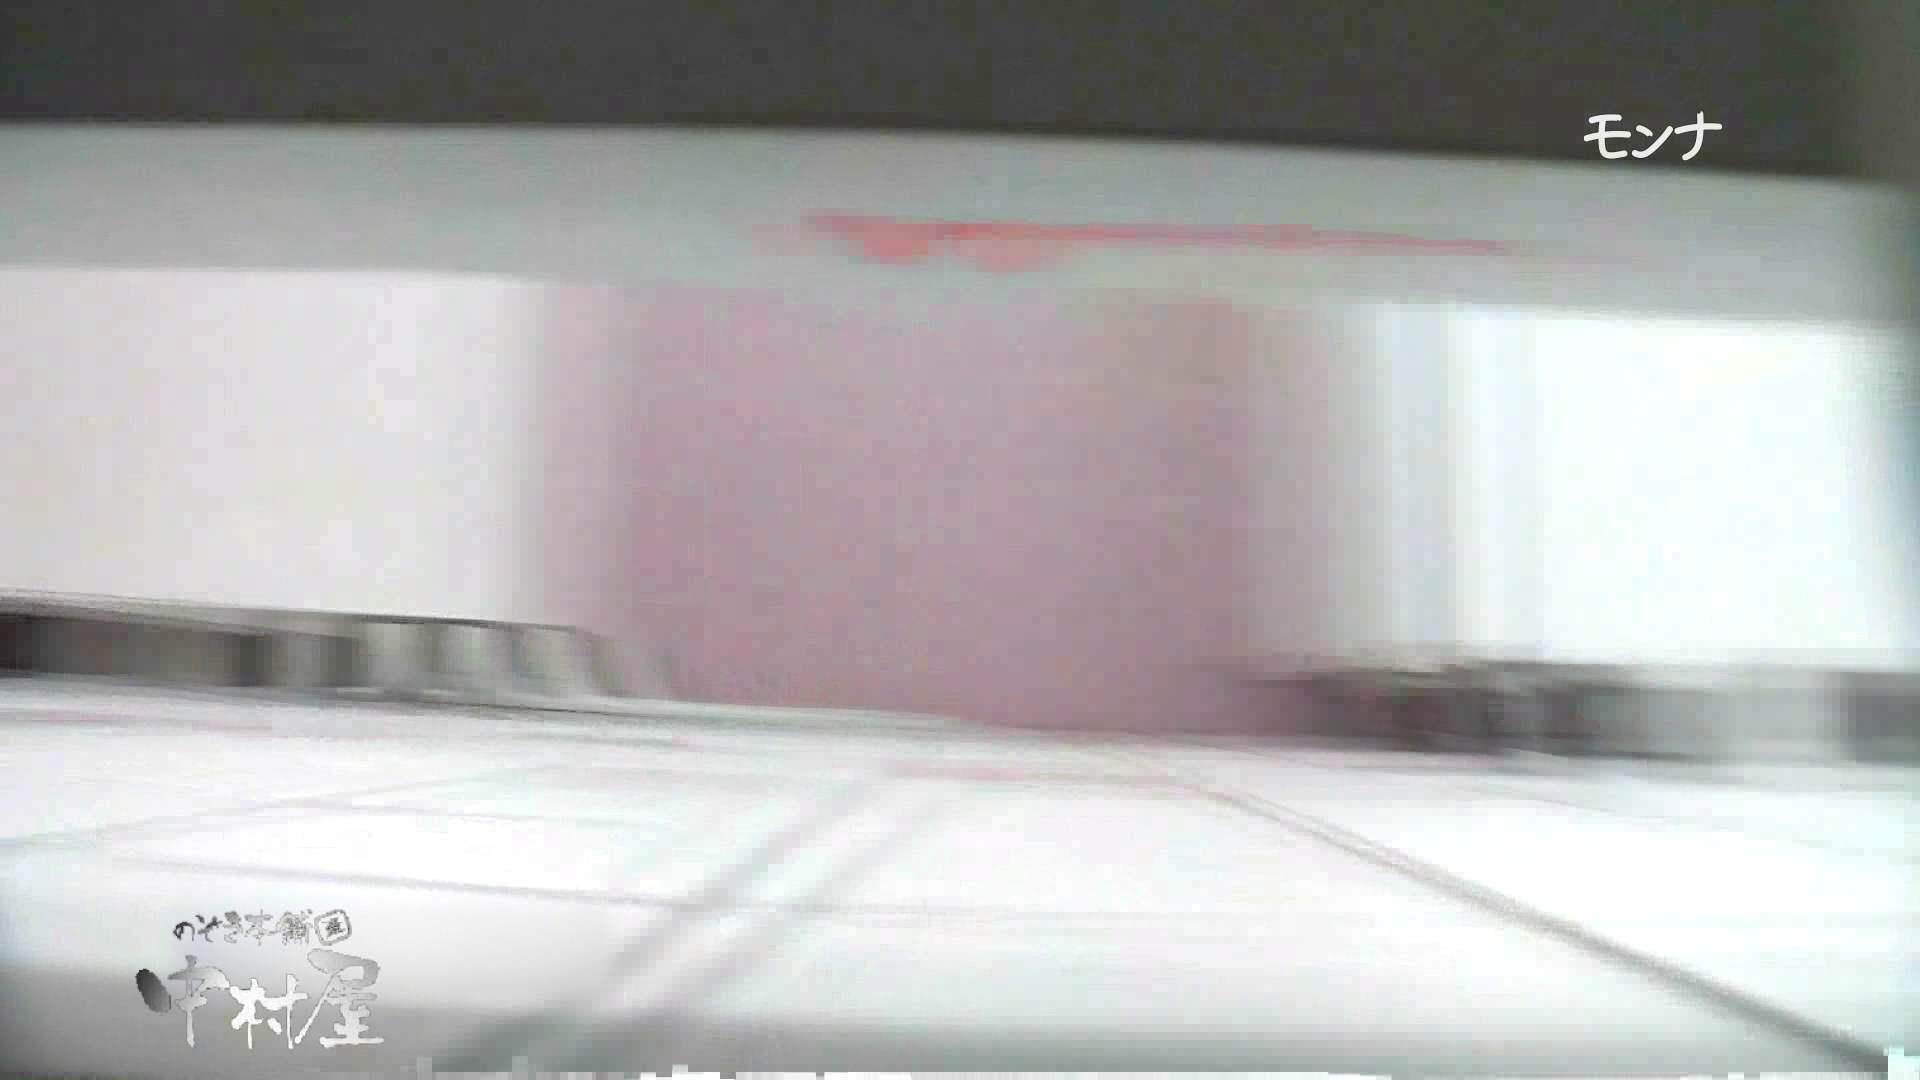 【美しい日本の未来】遂に!!戸田恵梨香似の予告モデル登場ダッシュで「大」後編 盗撮 エロ画像 59画像 56